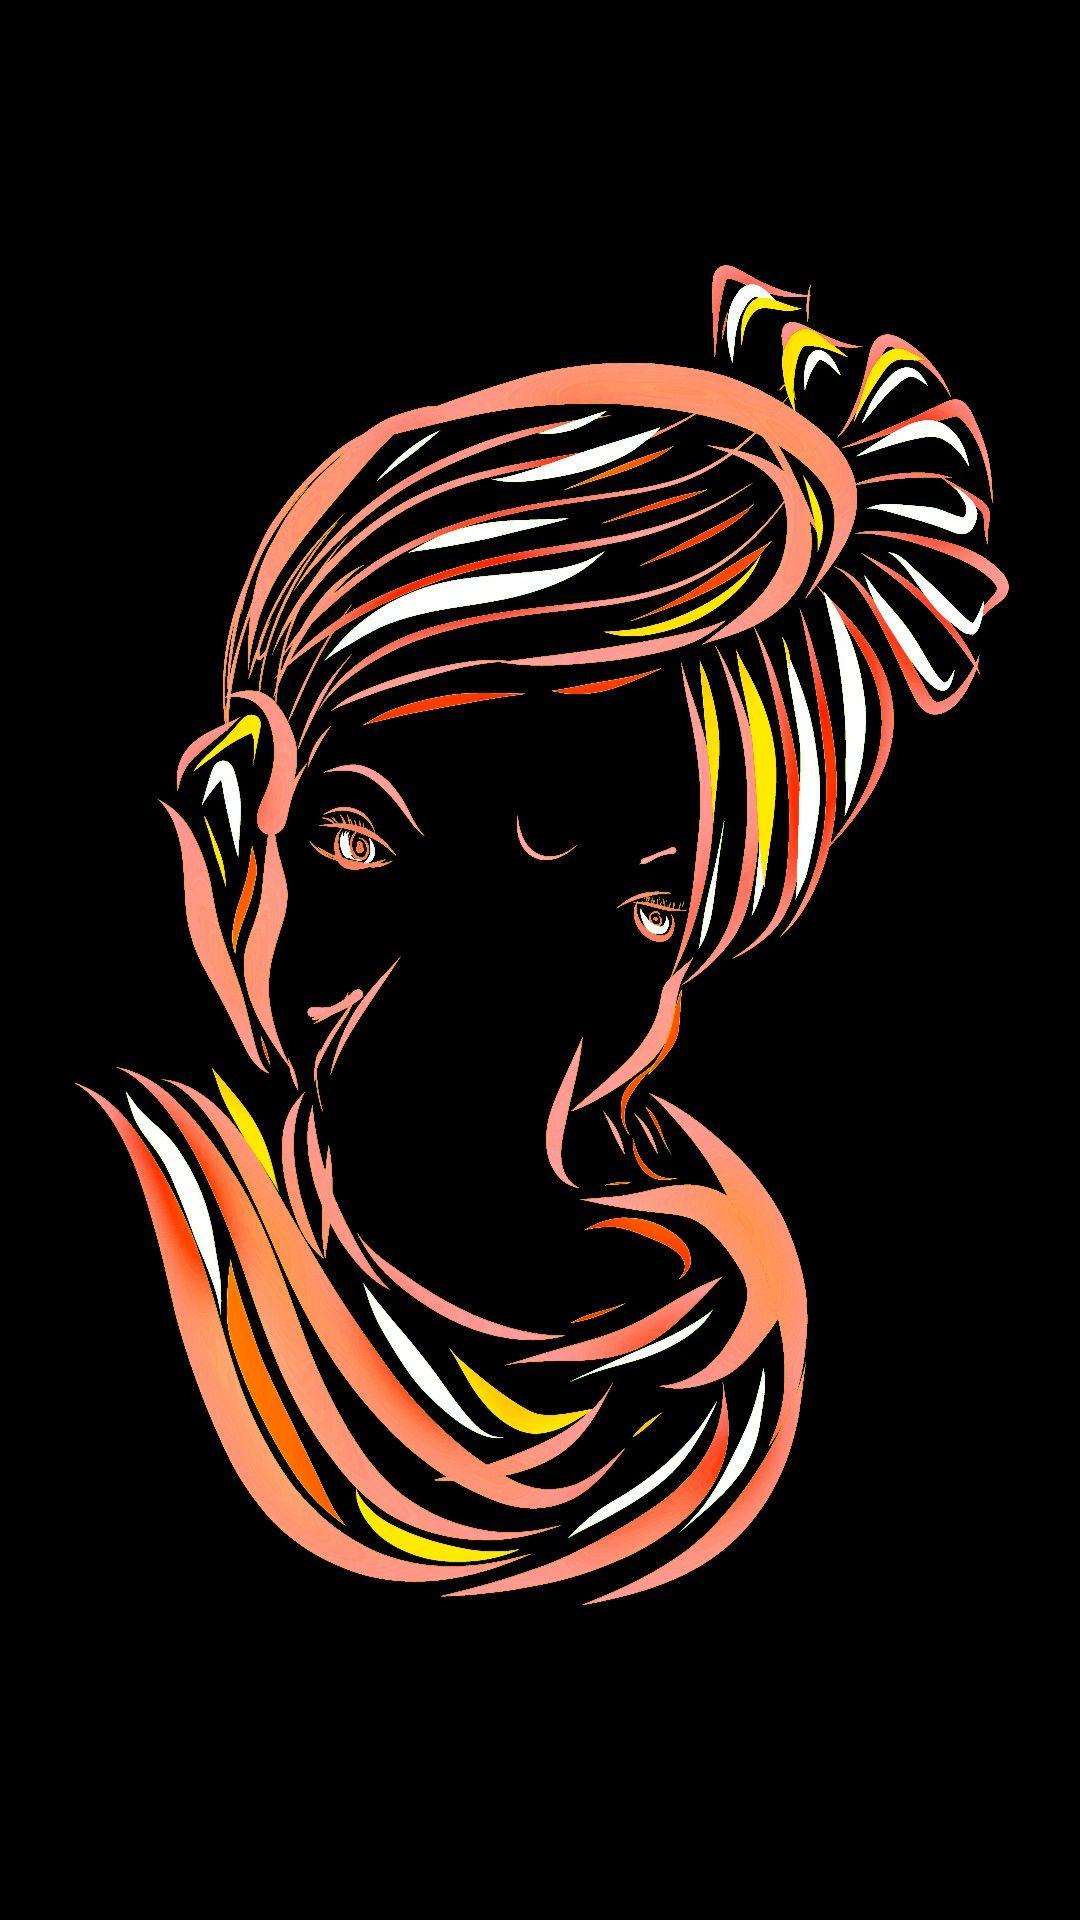 Artistic Wallpaper Ganpati Images